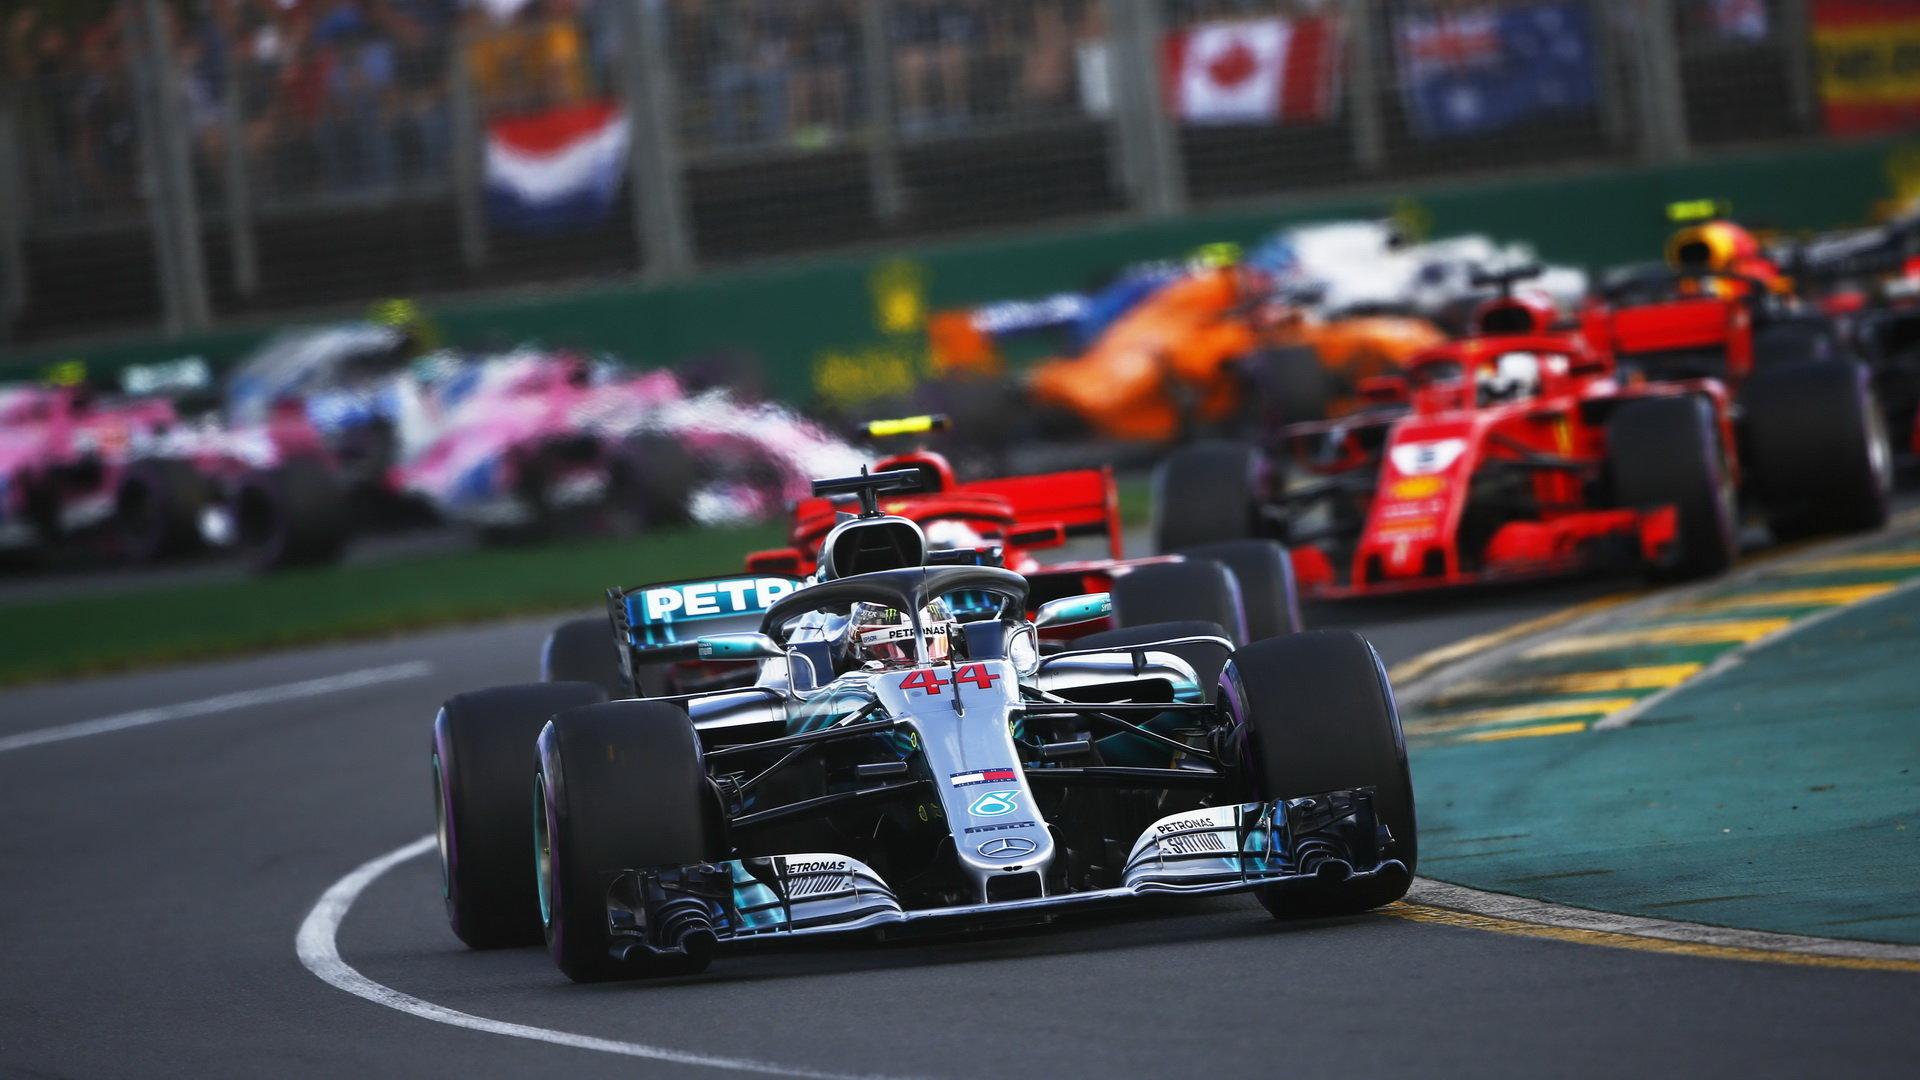 Bude Mercedes v Austrálii opět na špici?